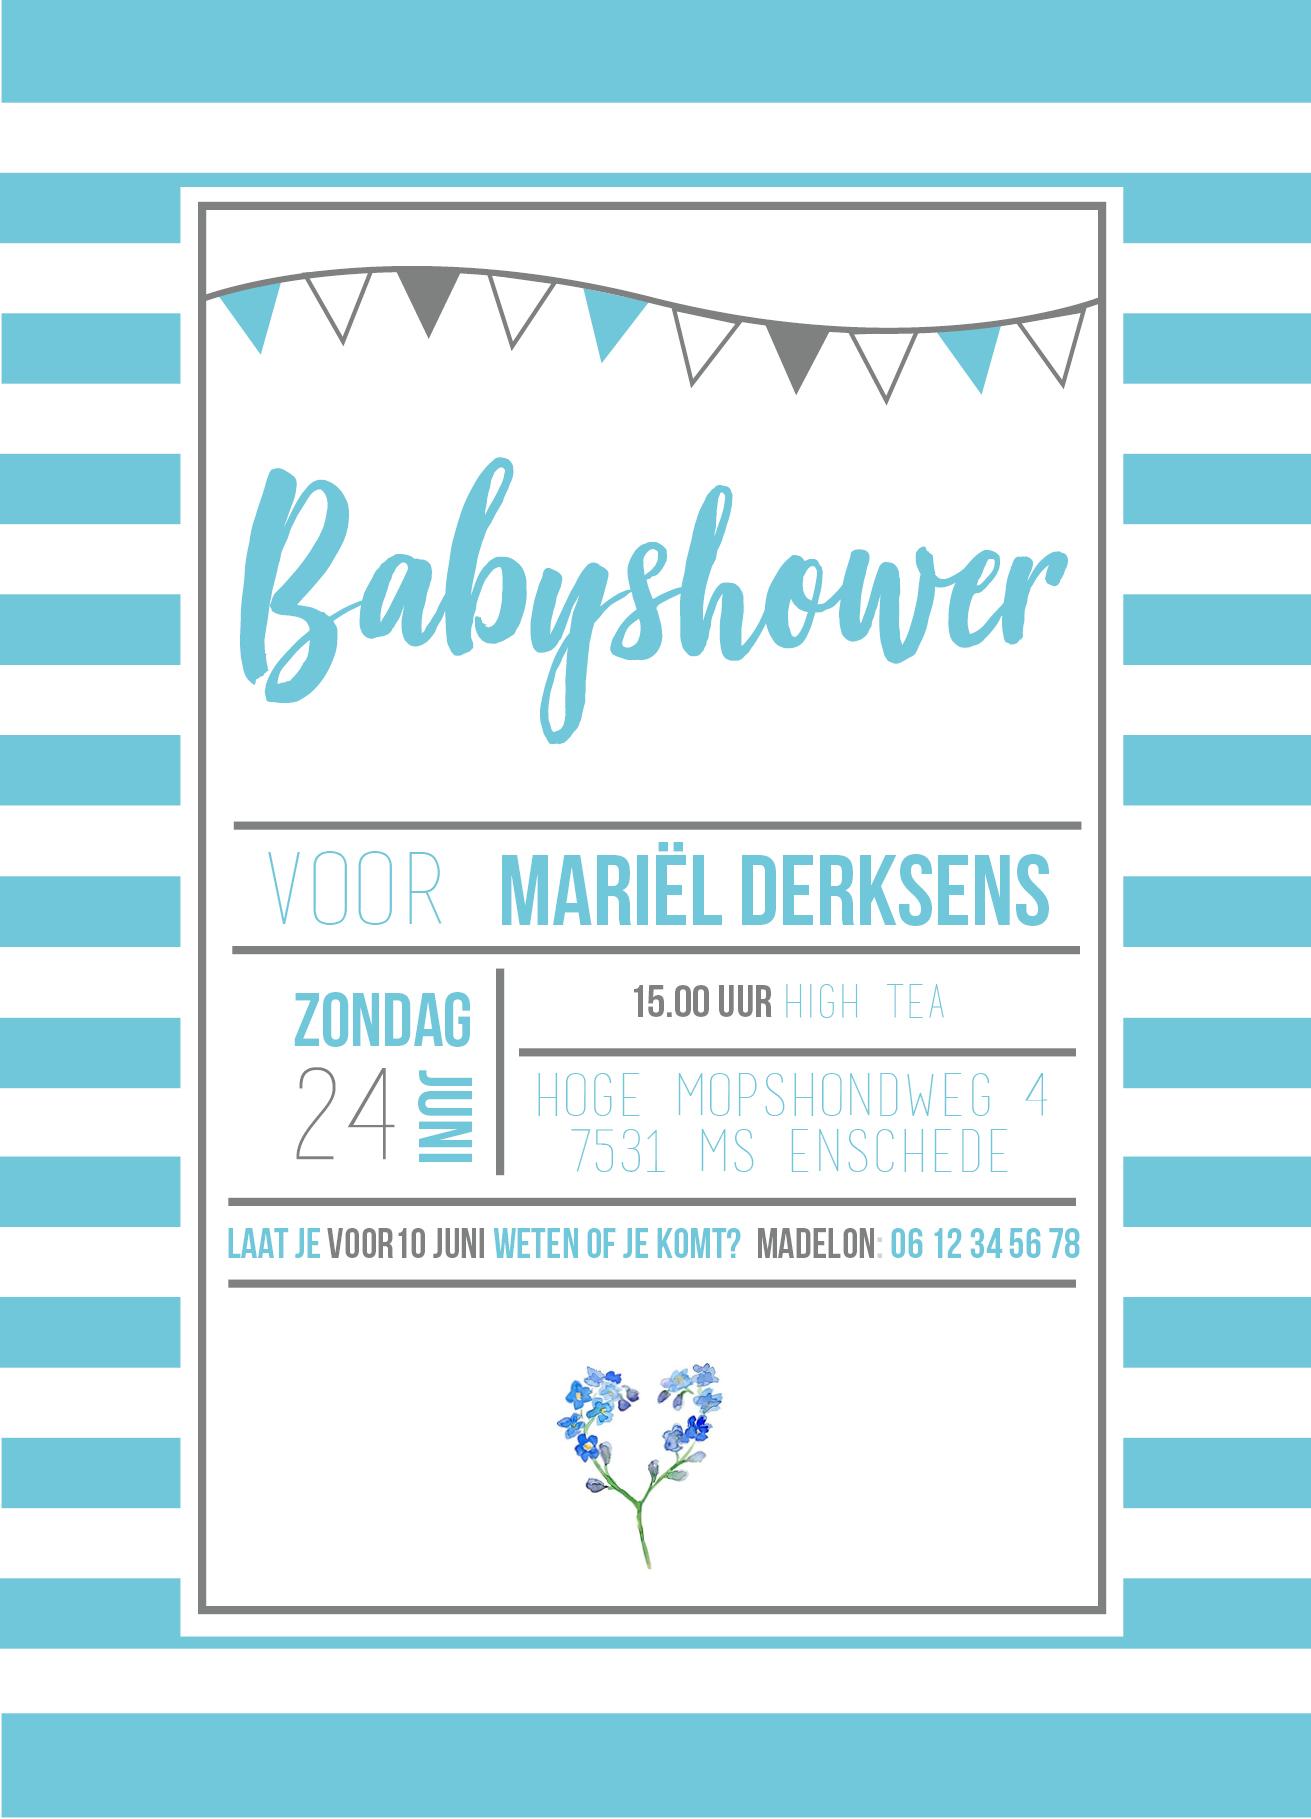 Favoriete How to: Een babyshower uitnodiging maken? - Accentable @AO37